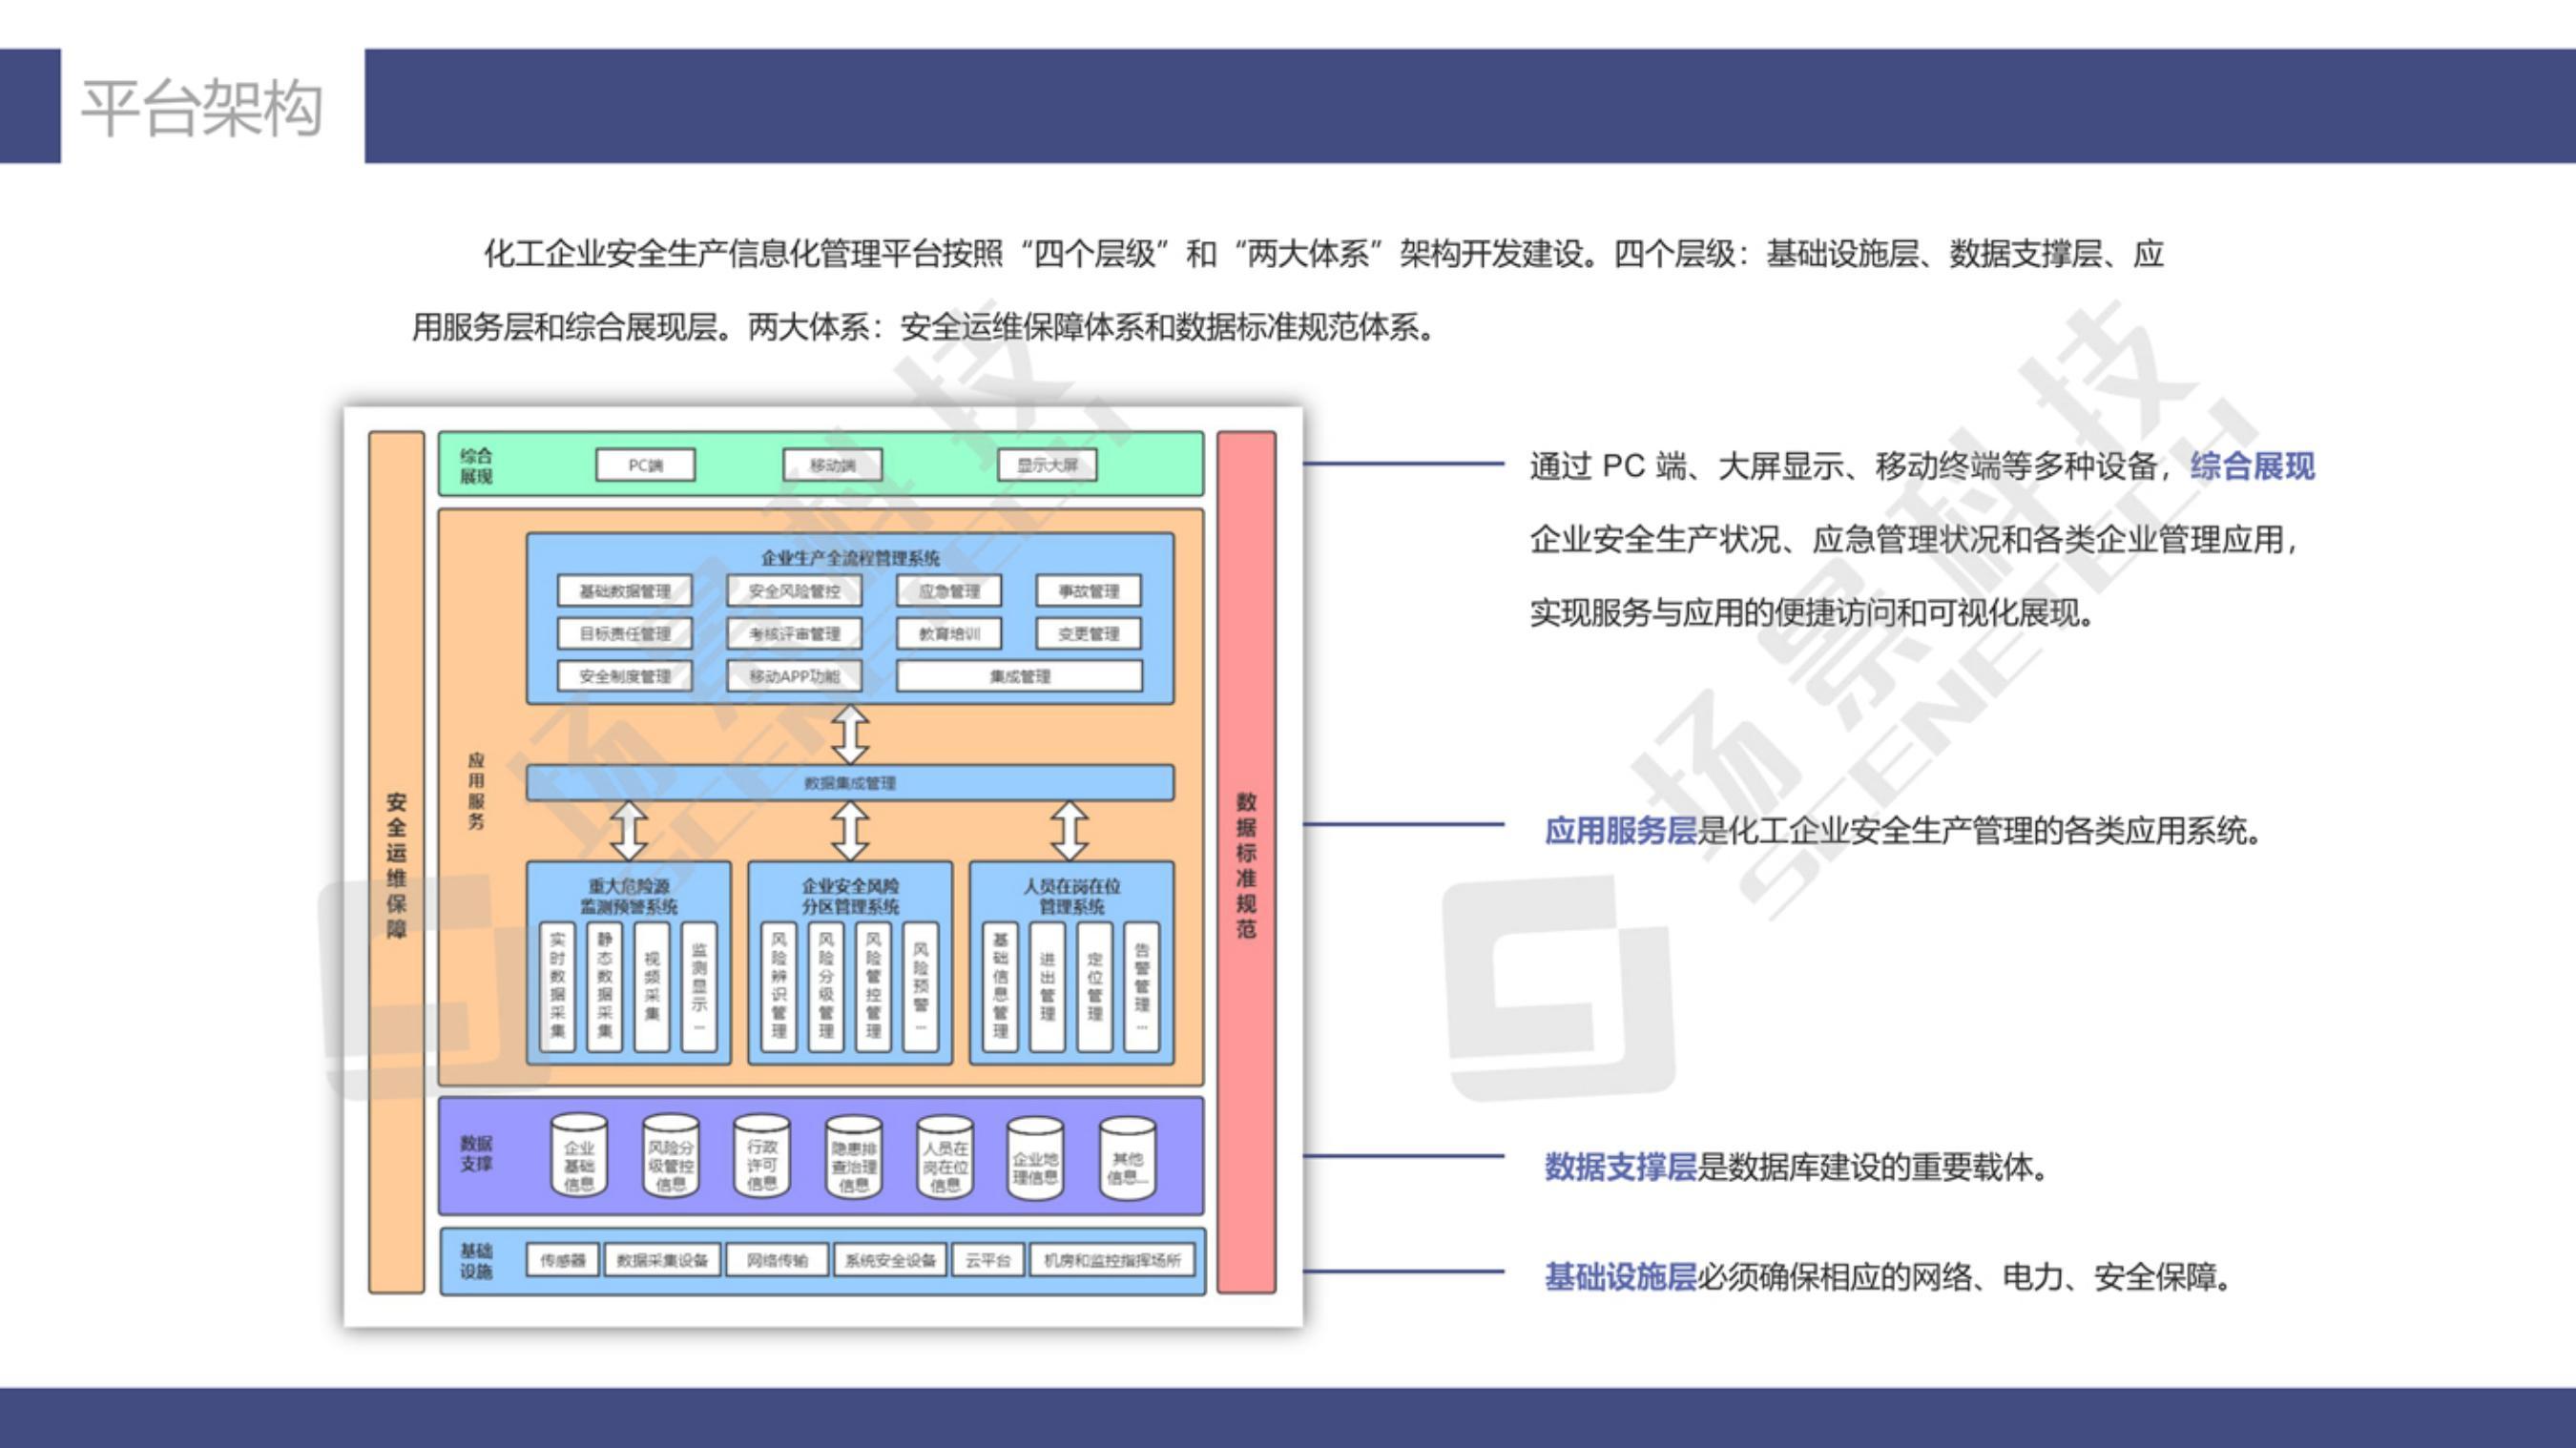 化工安全生产信息化管理解决方案20210511_09